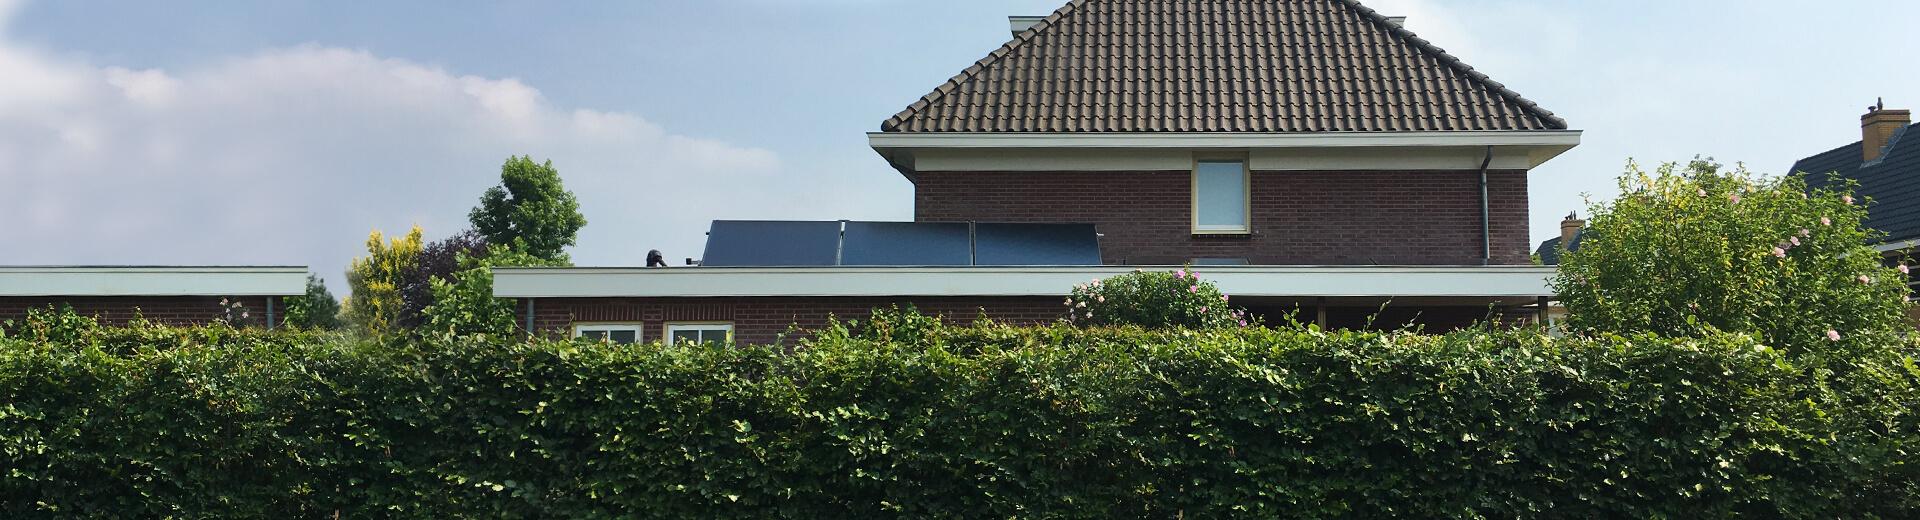 Solar Home uitgelicht